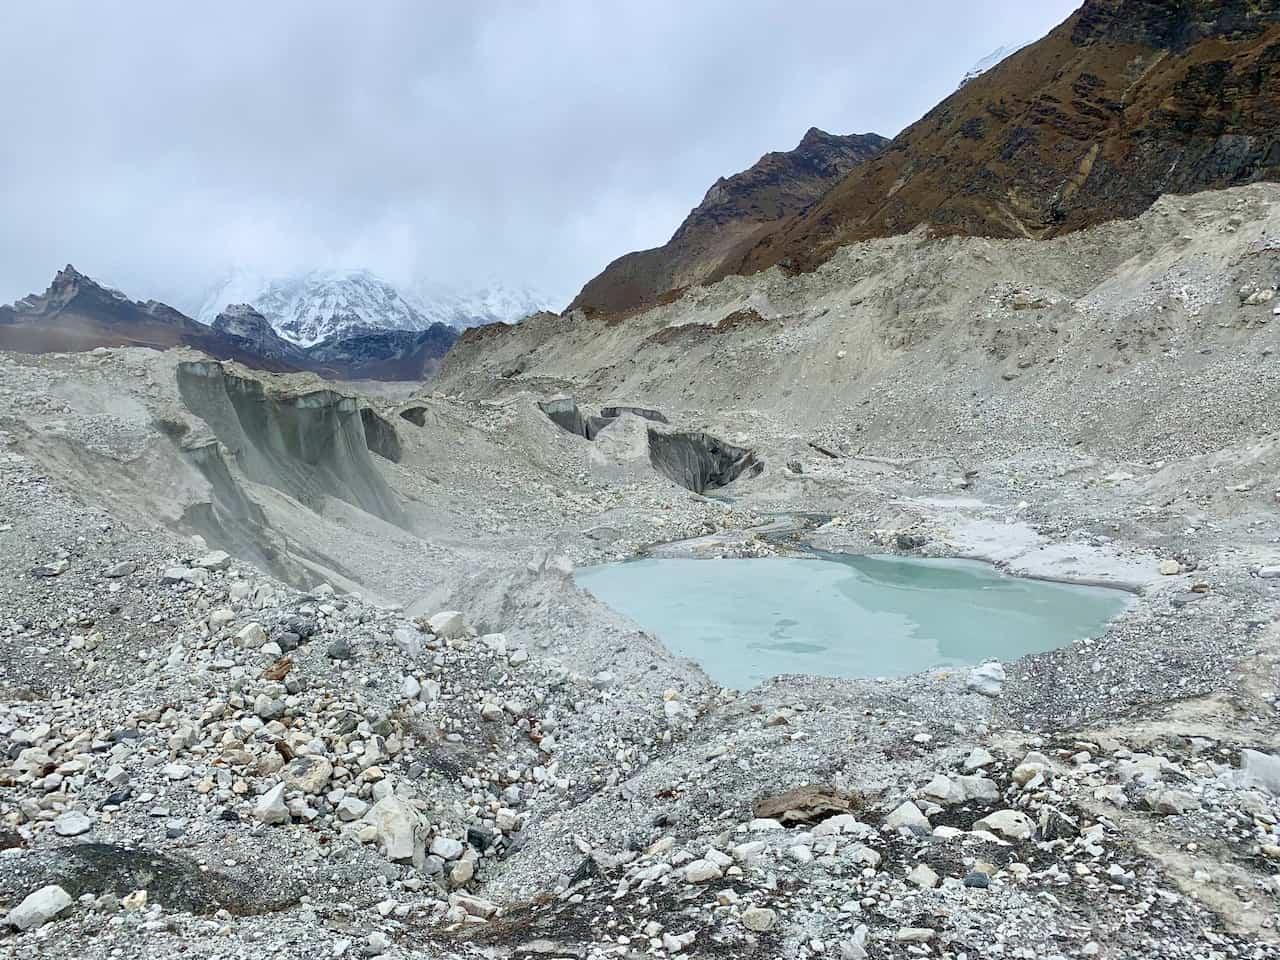 Ngozumpa Glacier Lake